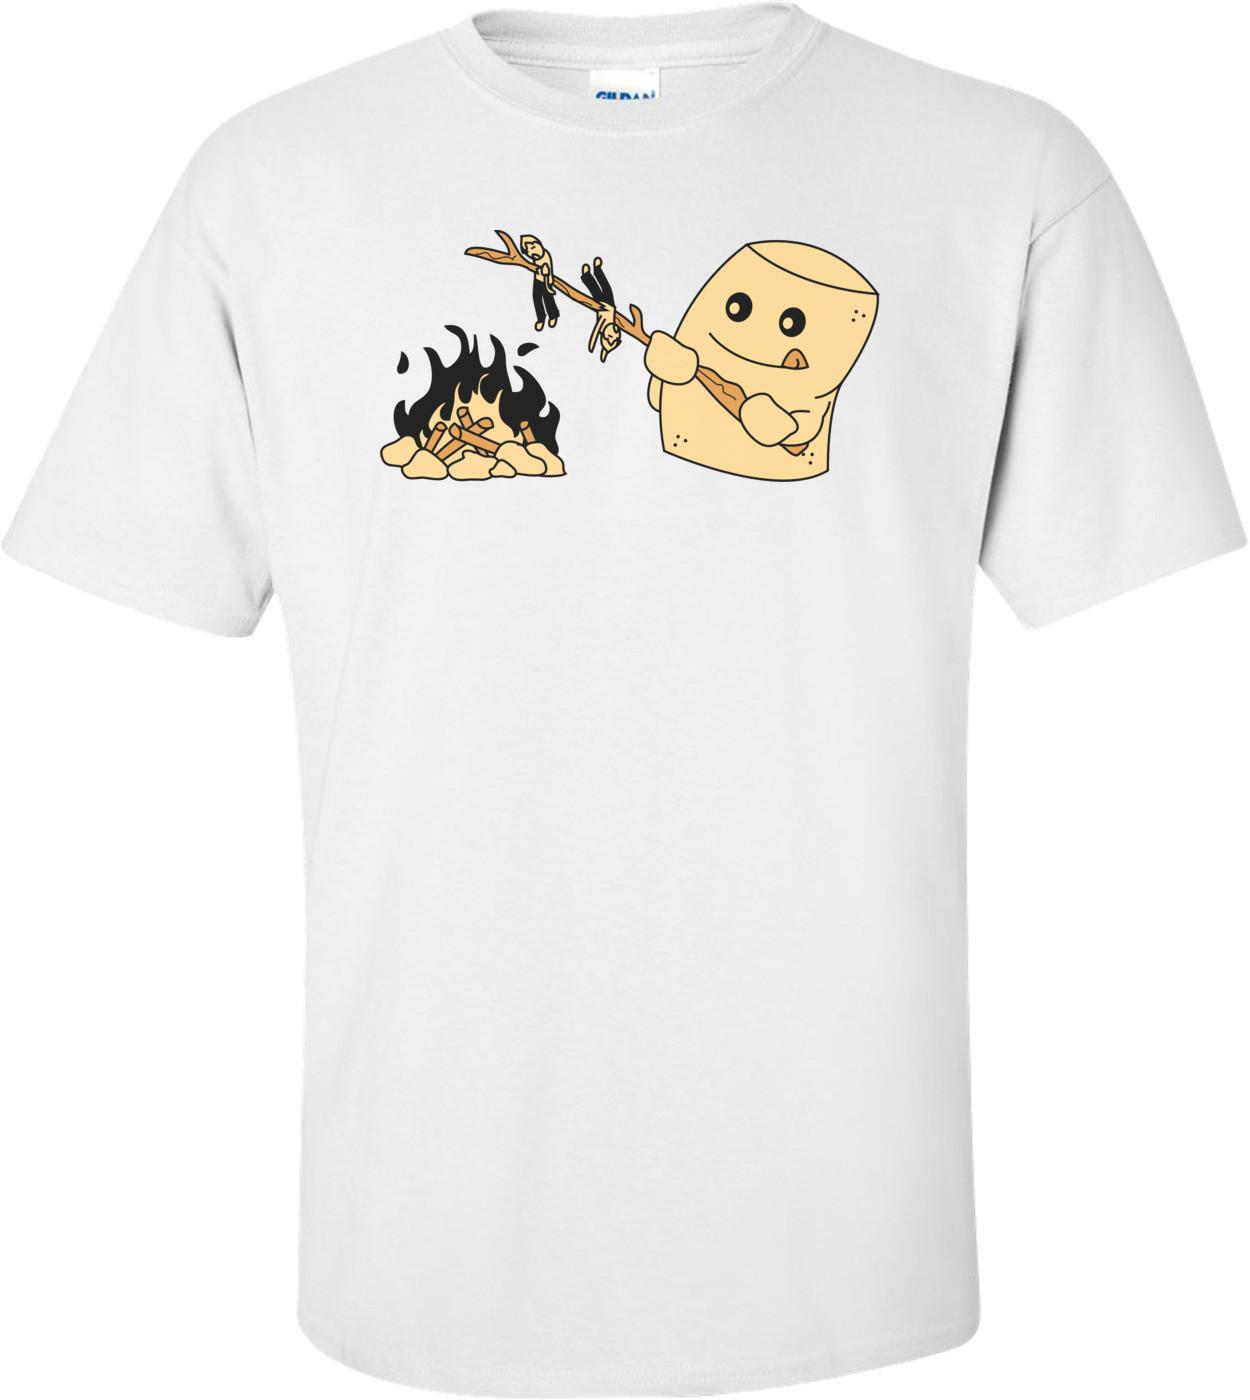 Marshmallow Roasting Funny Shirt